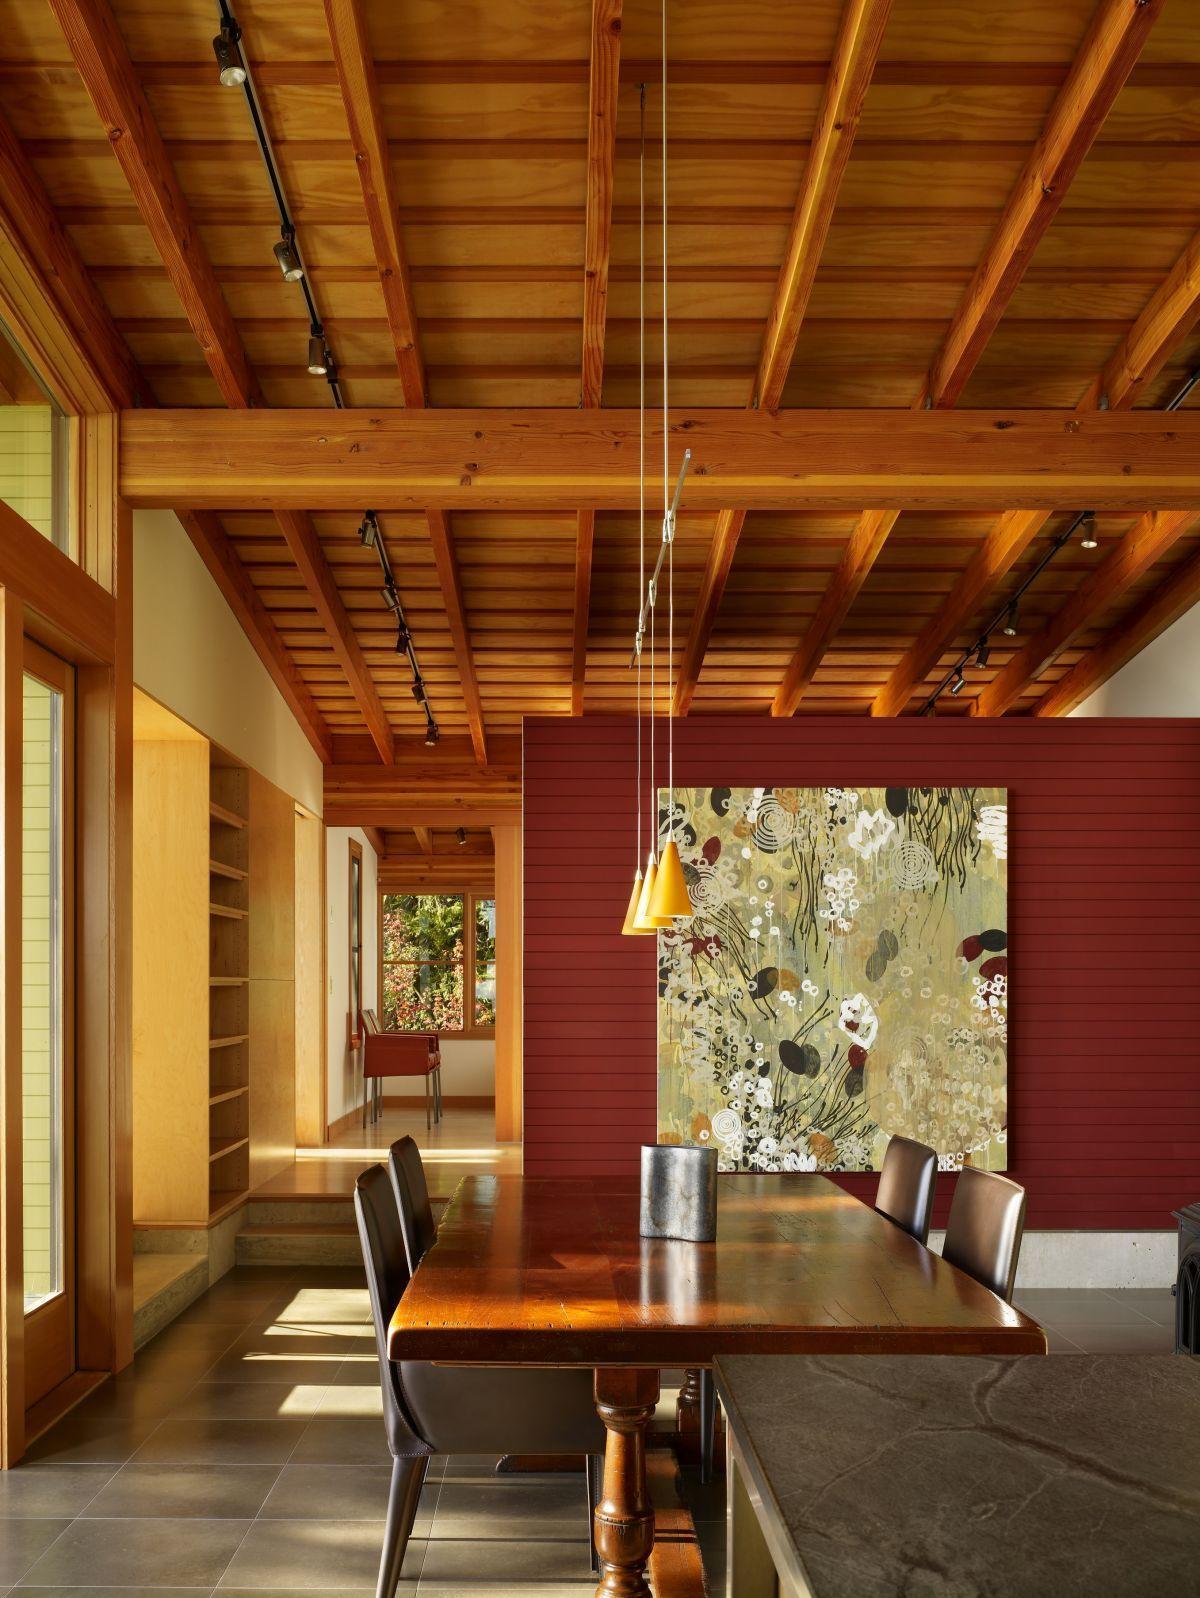 Вагонка из древесины является довольно востребованным покрытием для потолка, хотя используется в основном для небольших помещений